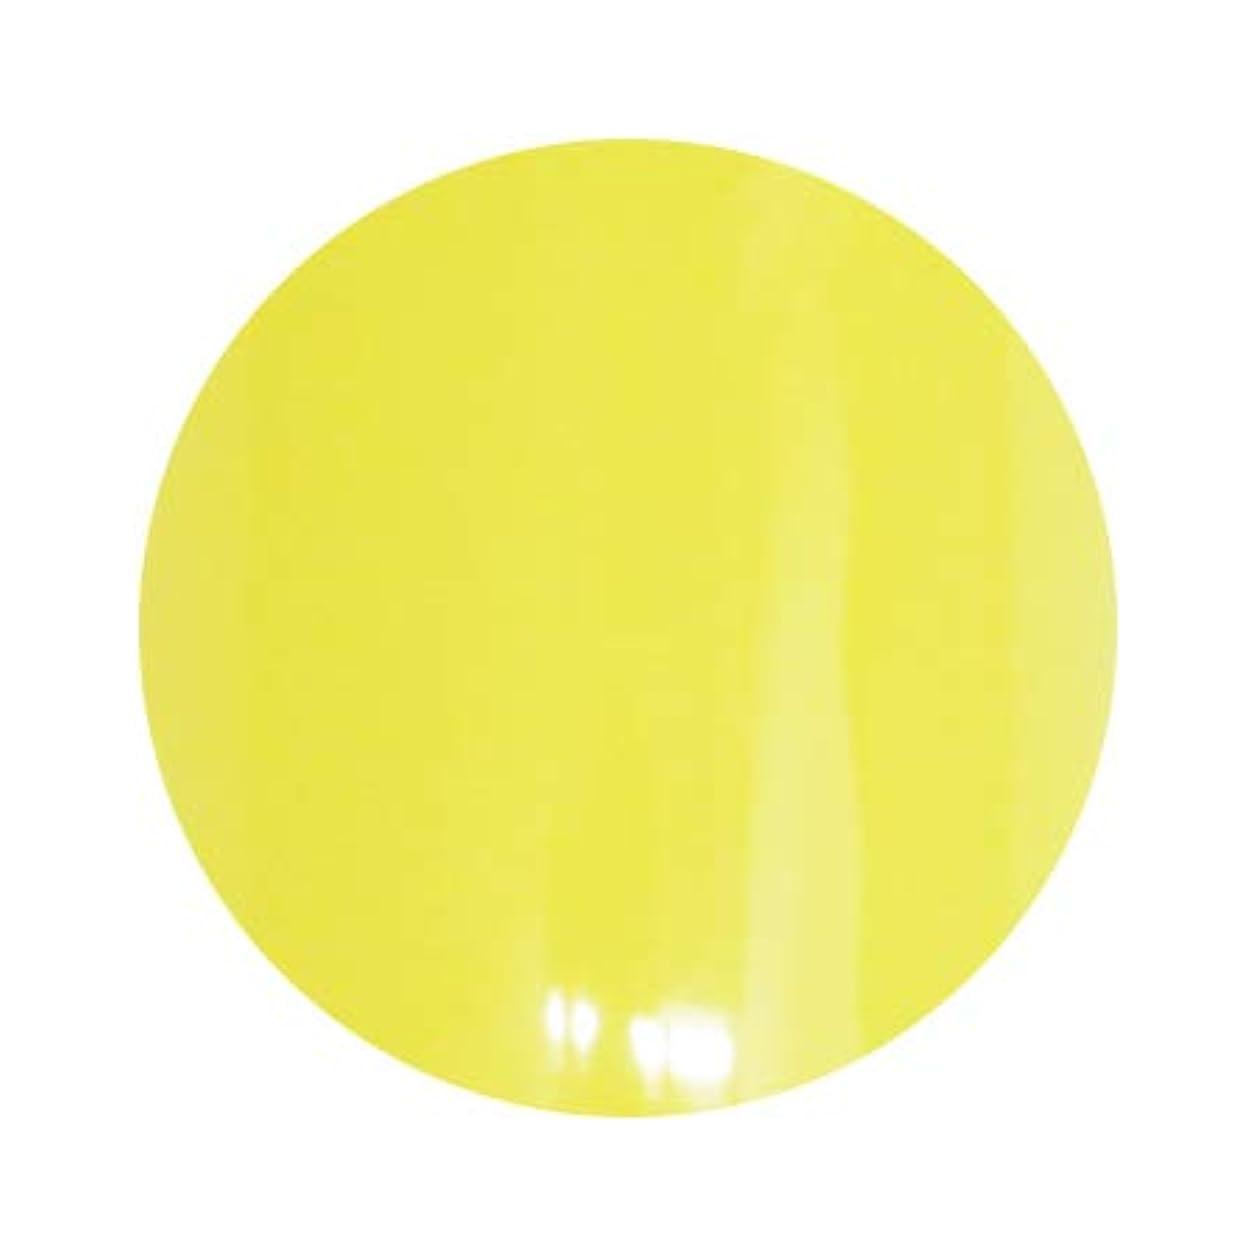 誠意借りているサワーLUCU GEL ルクジェル カラー YET01 シトロン 3.5g